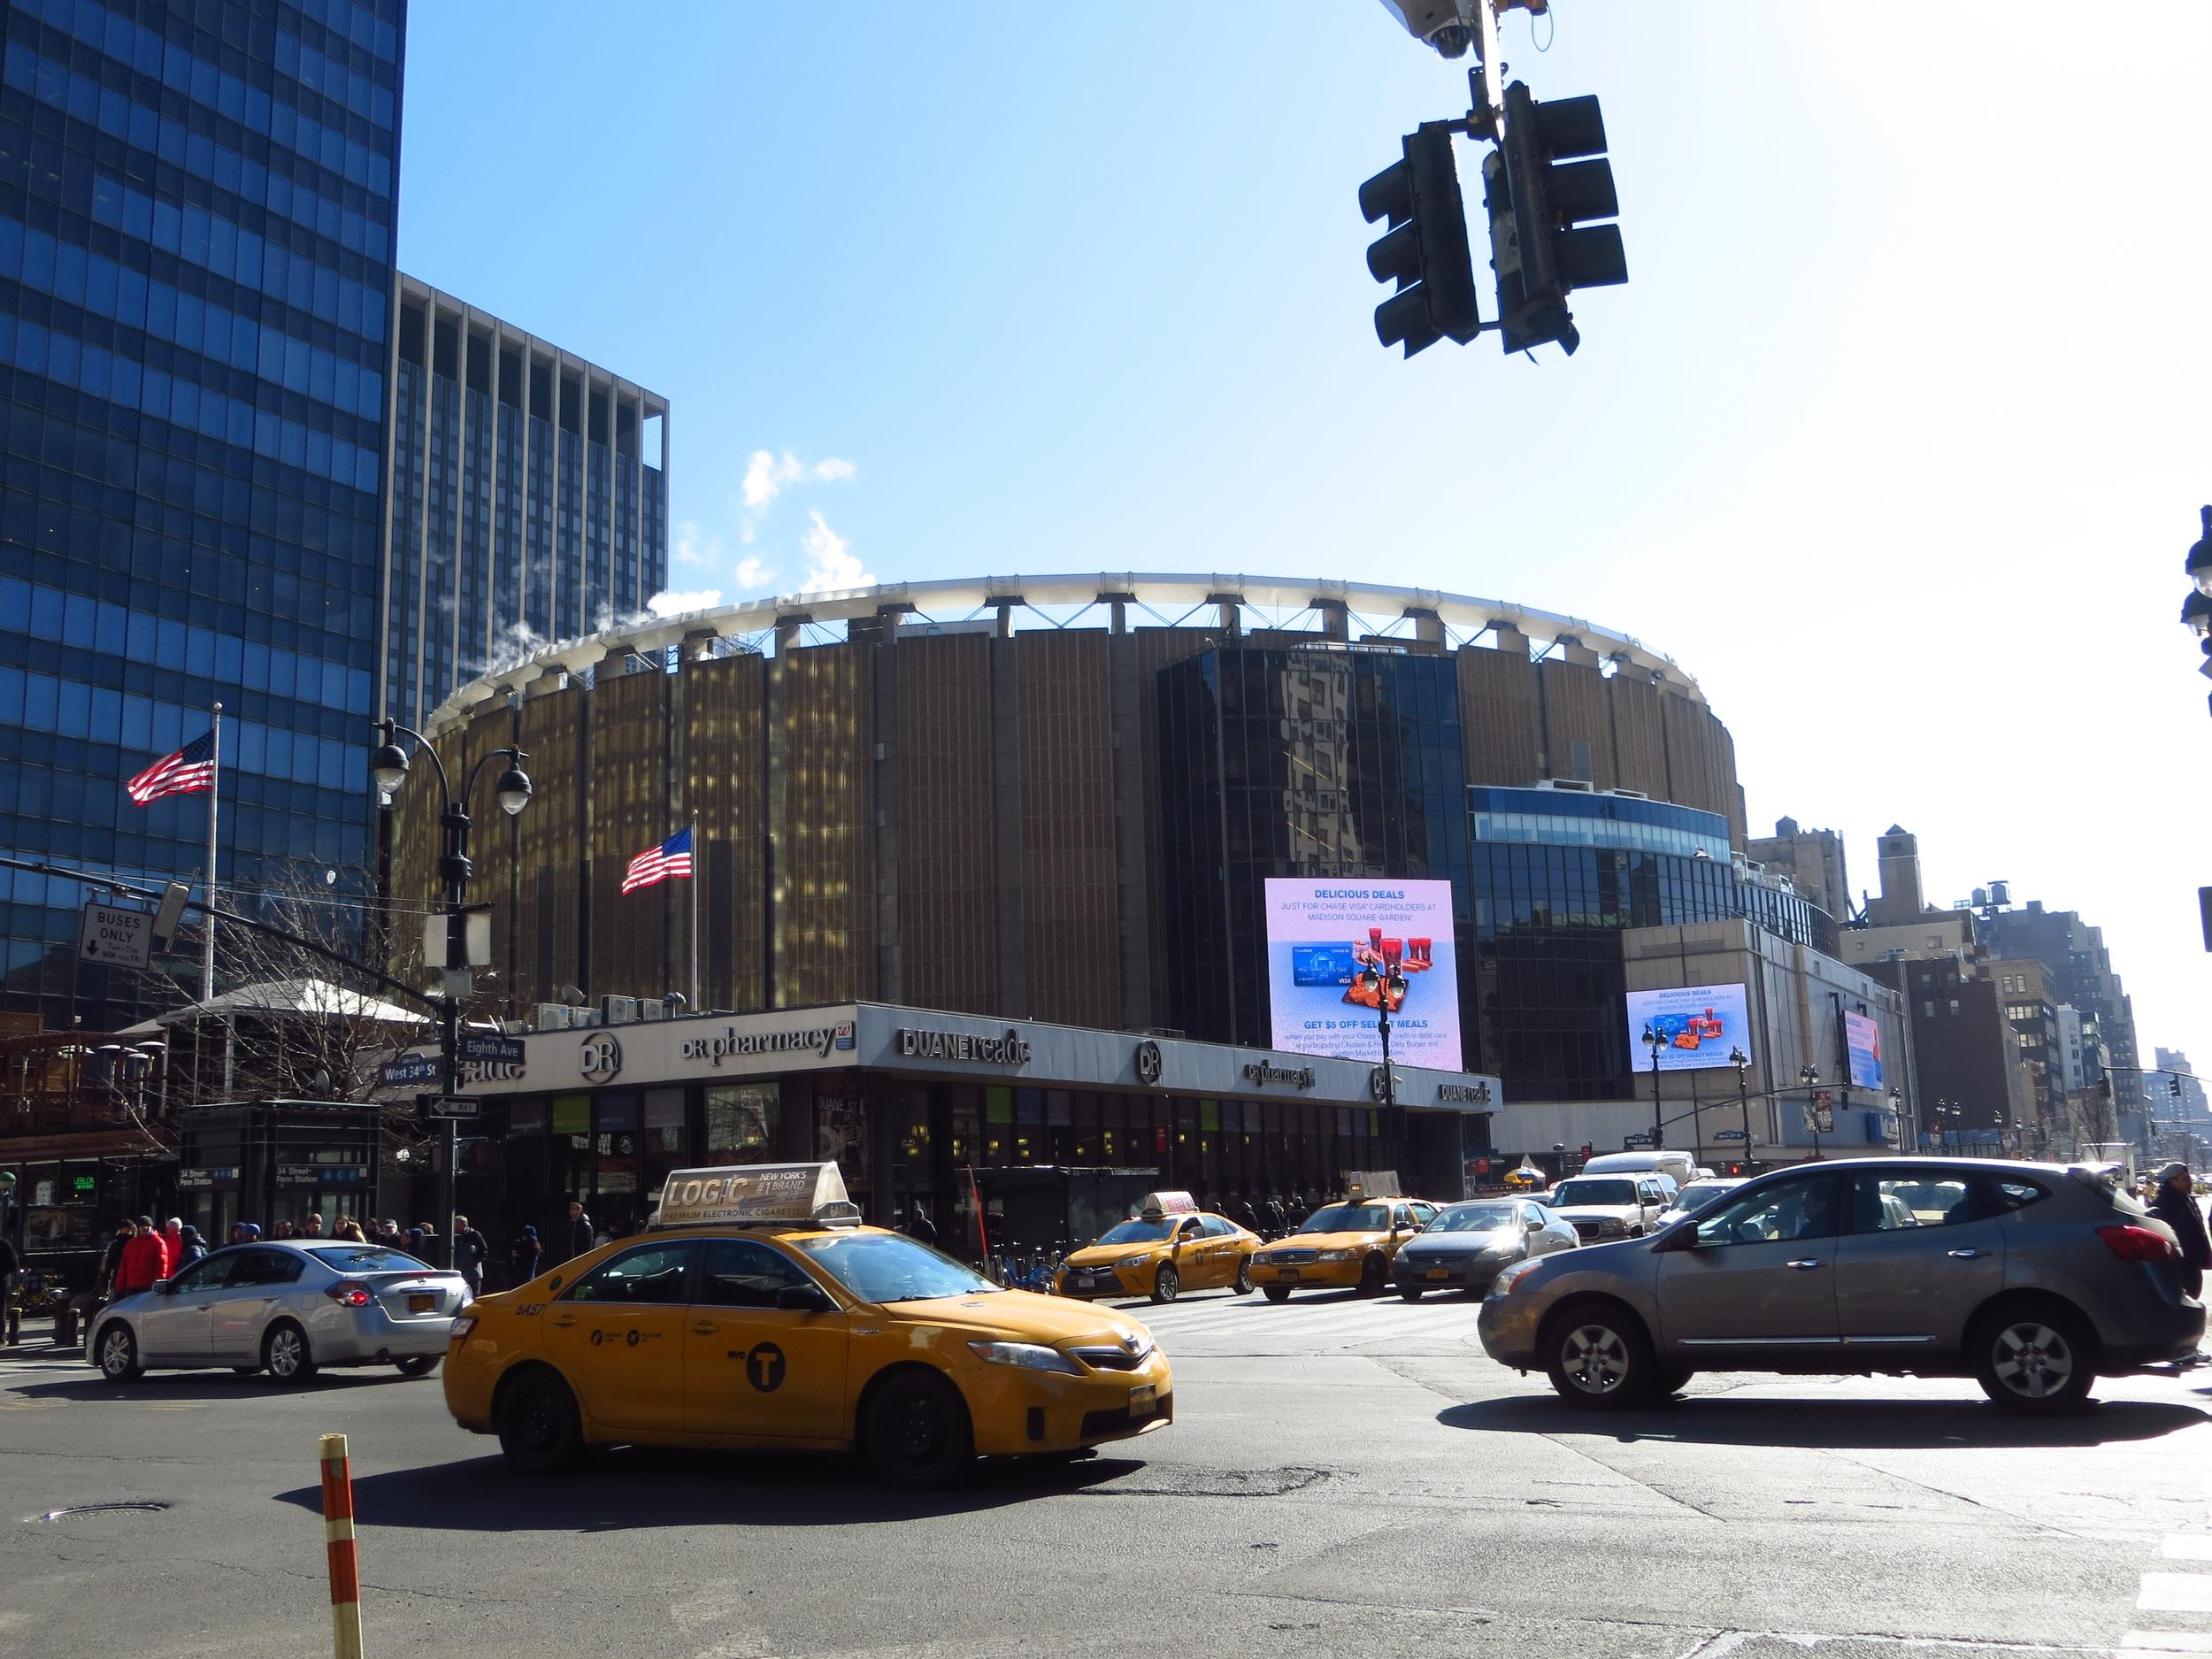 Madison Square Garden / Penn Station